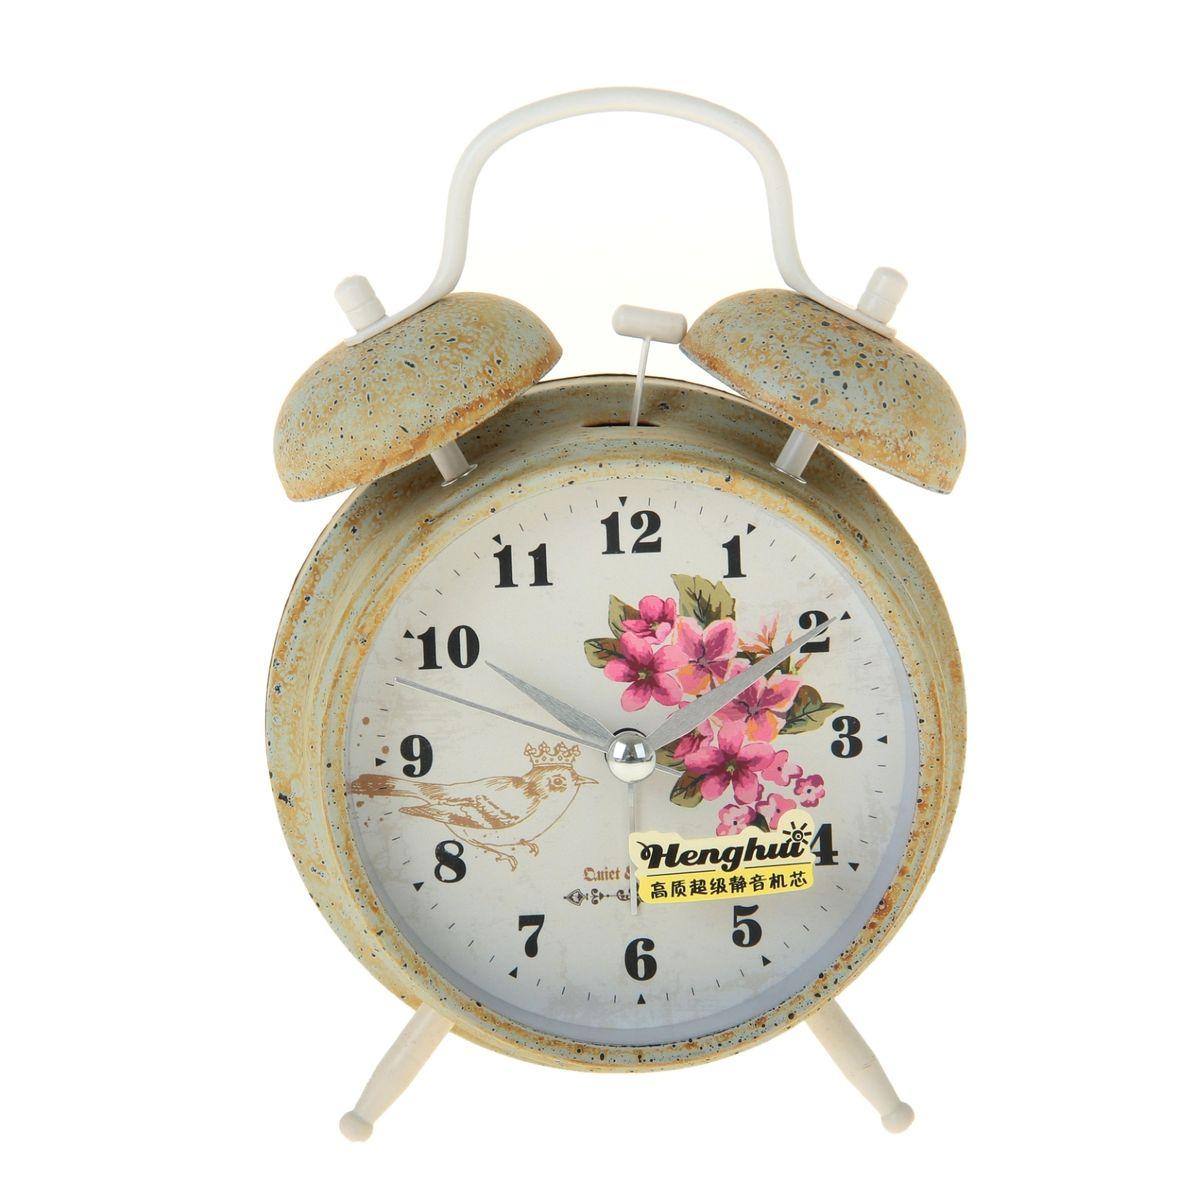 Часы-будильник Sima-land. 906612906612Как же сложно иногда вставать вовремя! Всегда так хочется поспать еще хотя бы 5 минут и бывает, что мы просыпаем. Теперь этого не случится! Яркий, оригинальный будильник Sima-land поможет вам всегда вставать в нужное время и успевать везде и всюду. Время показывает точно и будит в установленный час. Будильник украсит вашу комнату и приведет в восхищение друзей. На задней панели будильника расположены переключатель включения/выключения механизма и два колесика для настройки текущего времени и времени звонка будильника. Также будильник оснащен кнопкой, при нажатии и удержании которой, подсвечивается циферблат. Будильник работает от 1 батарейки типа AA напряжением 1,5V (не входит в комплект).